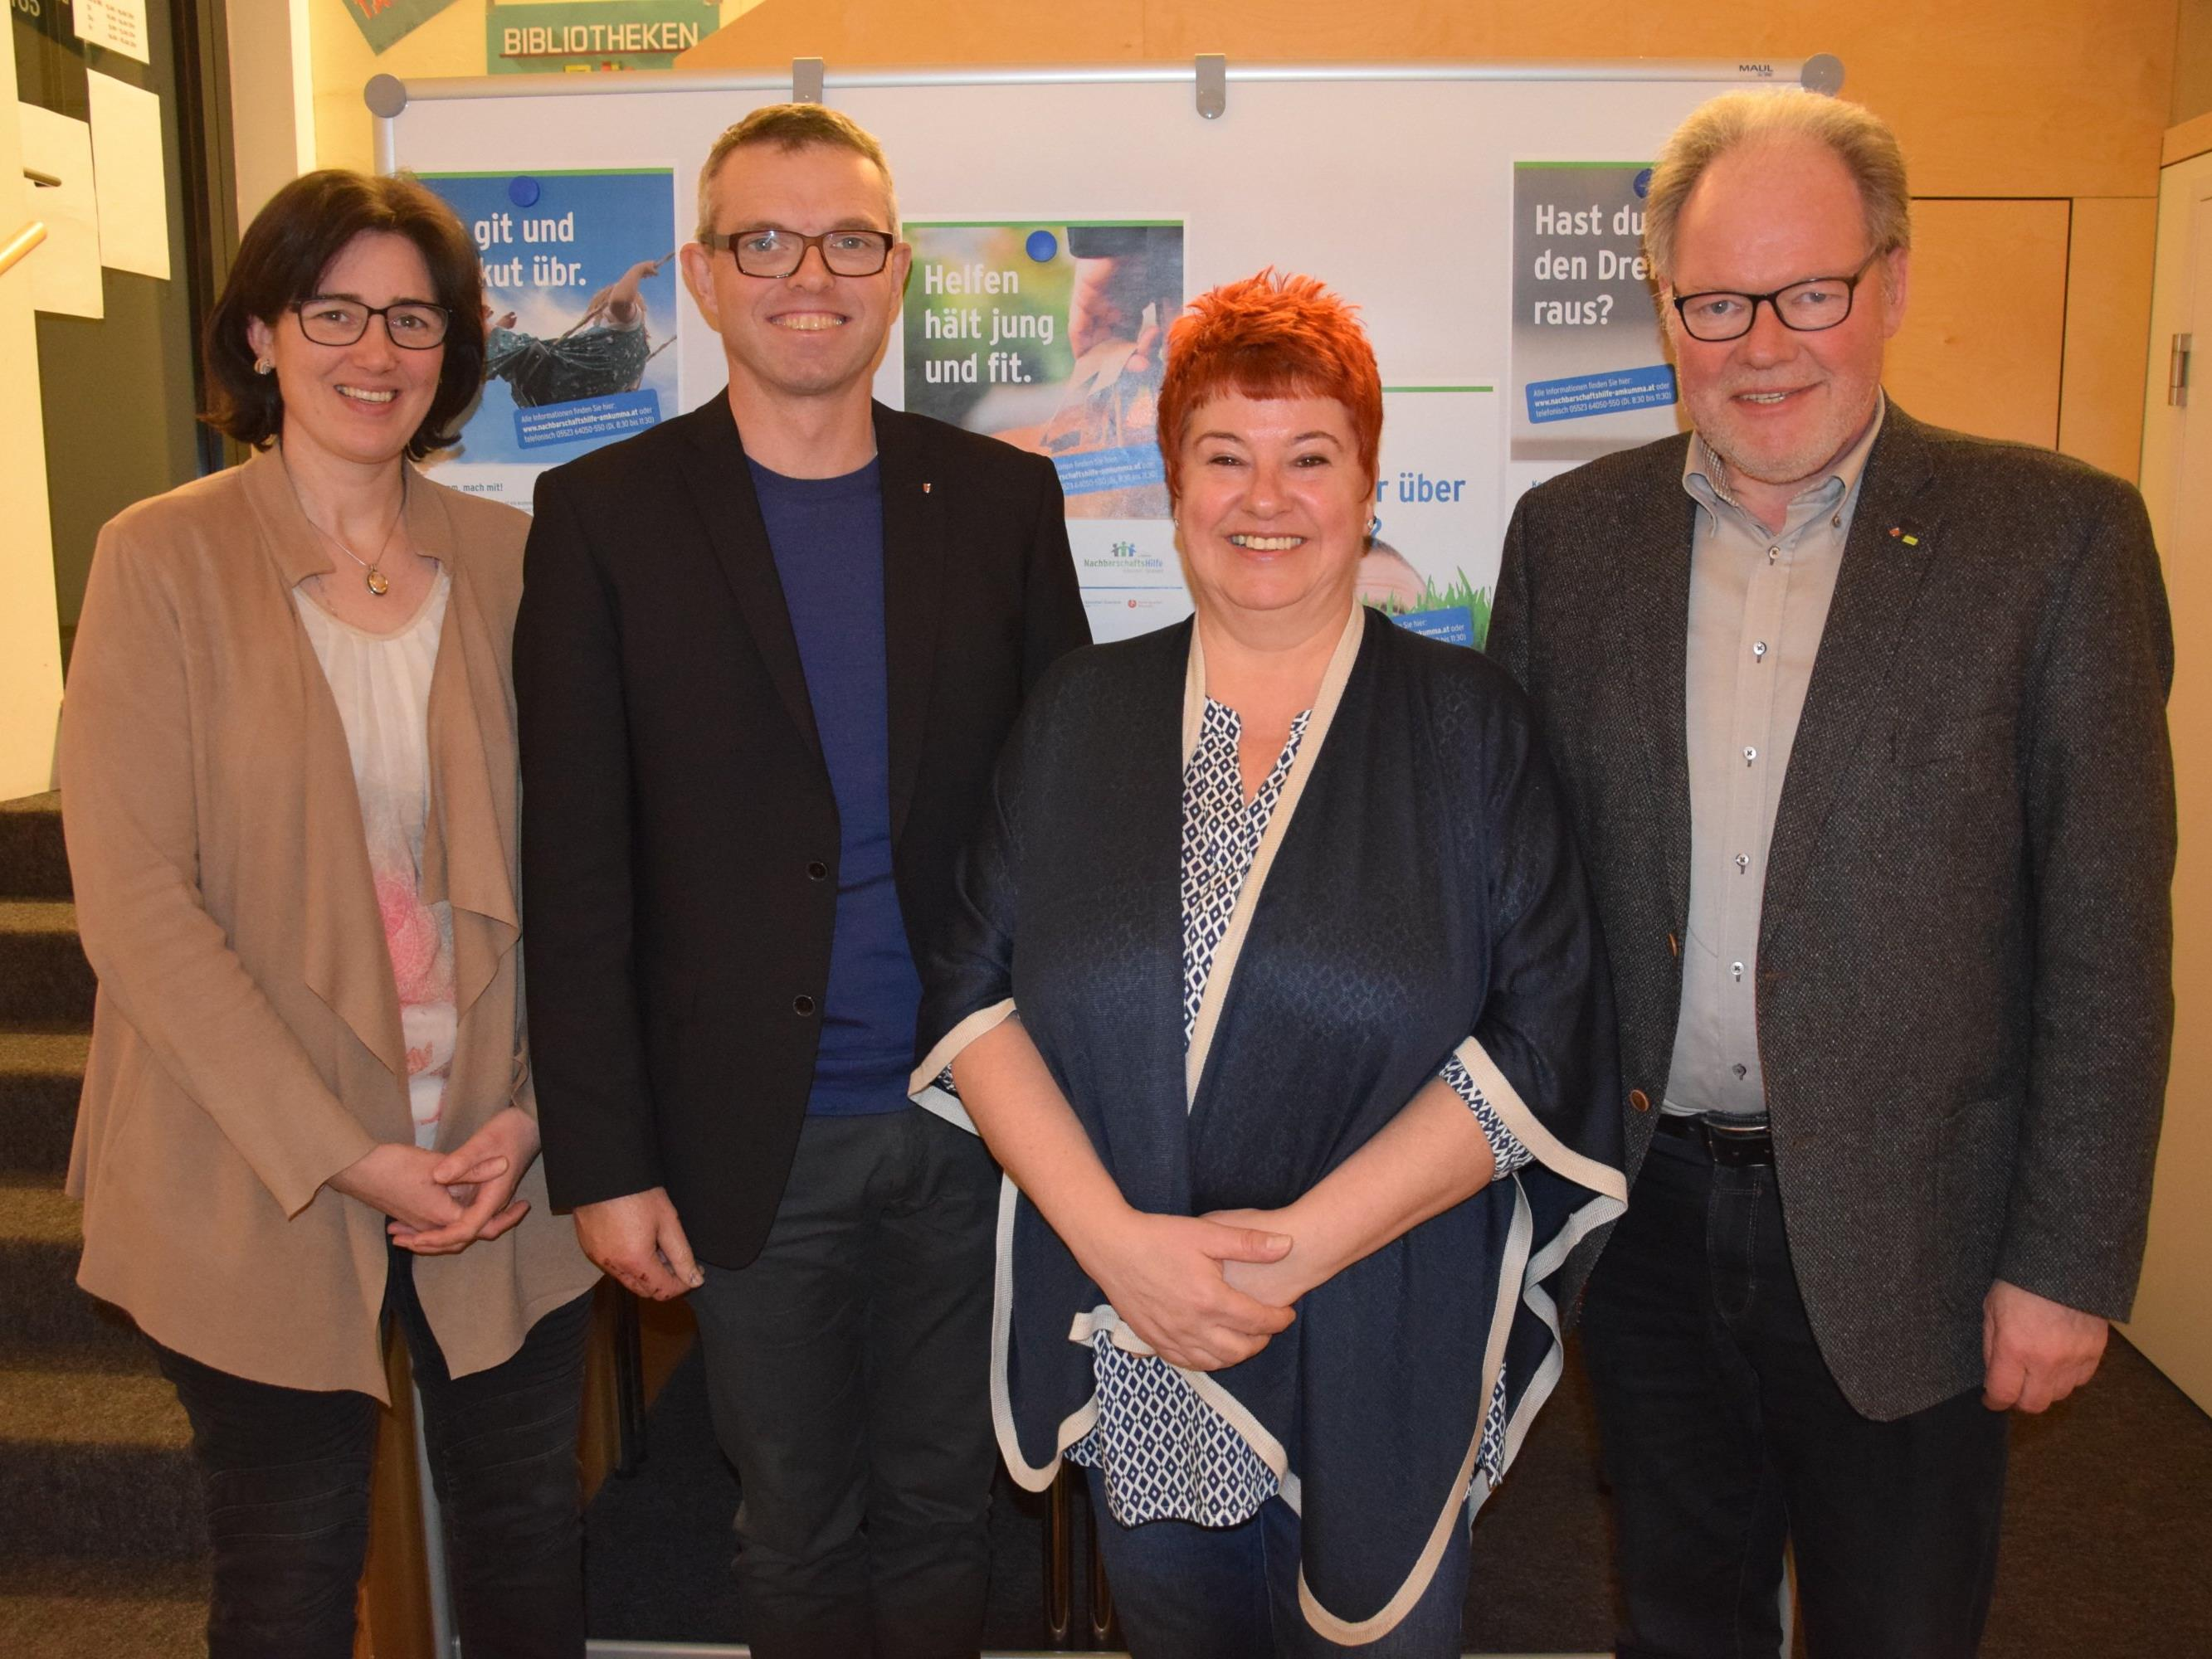 v.l. Dorothee Glöckle, Martin Herburger, Autorin Sonja Schiff und Labg. Werner Huber